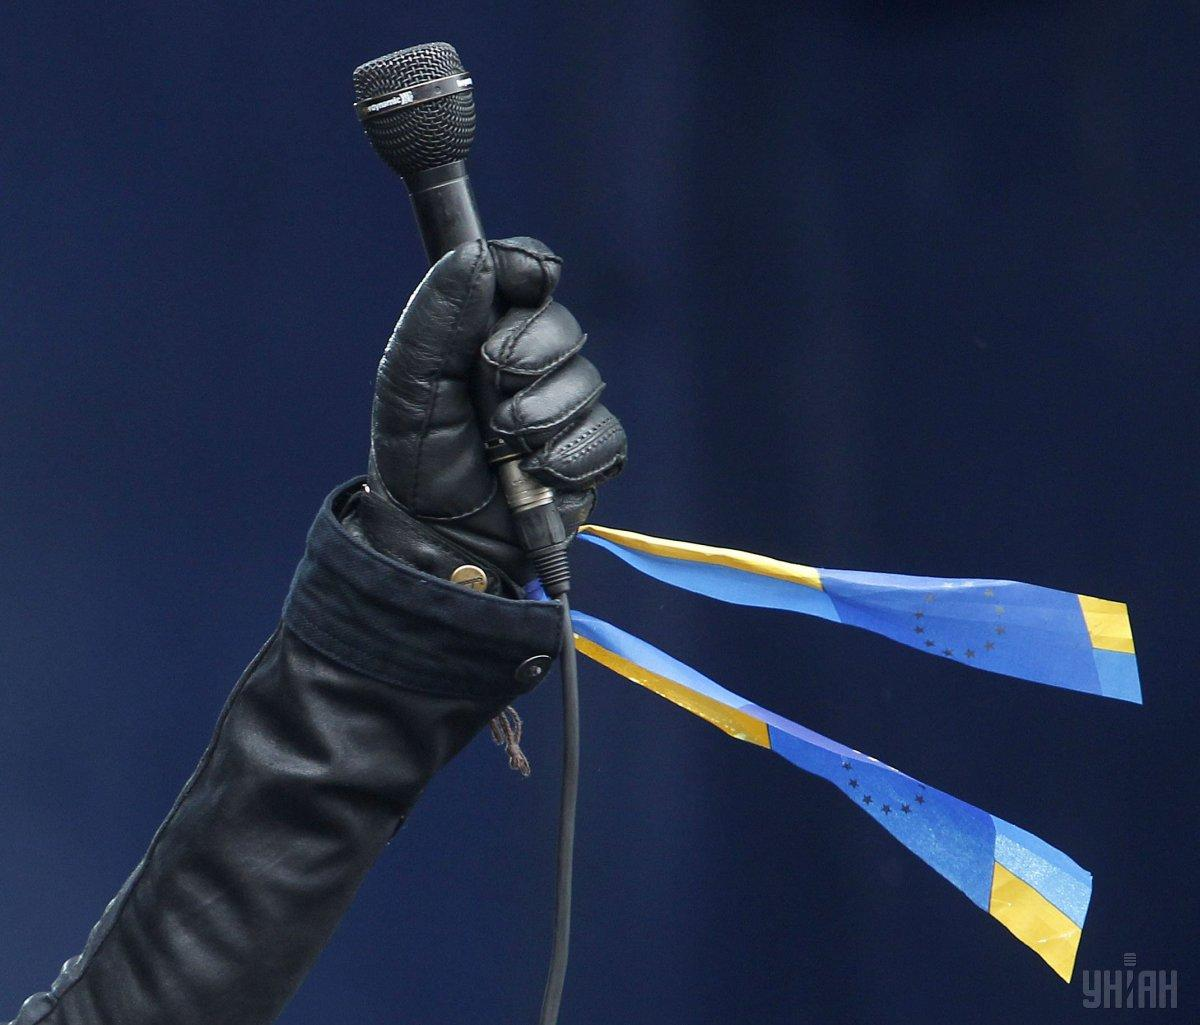 Згідно з рішенням, мораторій в області діятиме до моменту повного припинення окупації Росією території України/ Фото УНІАН